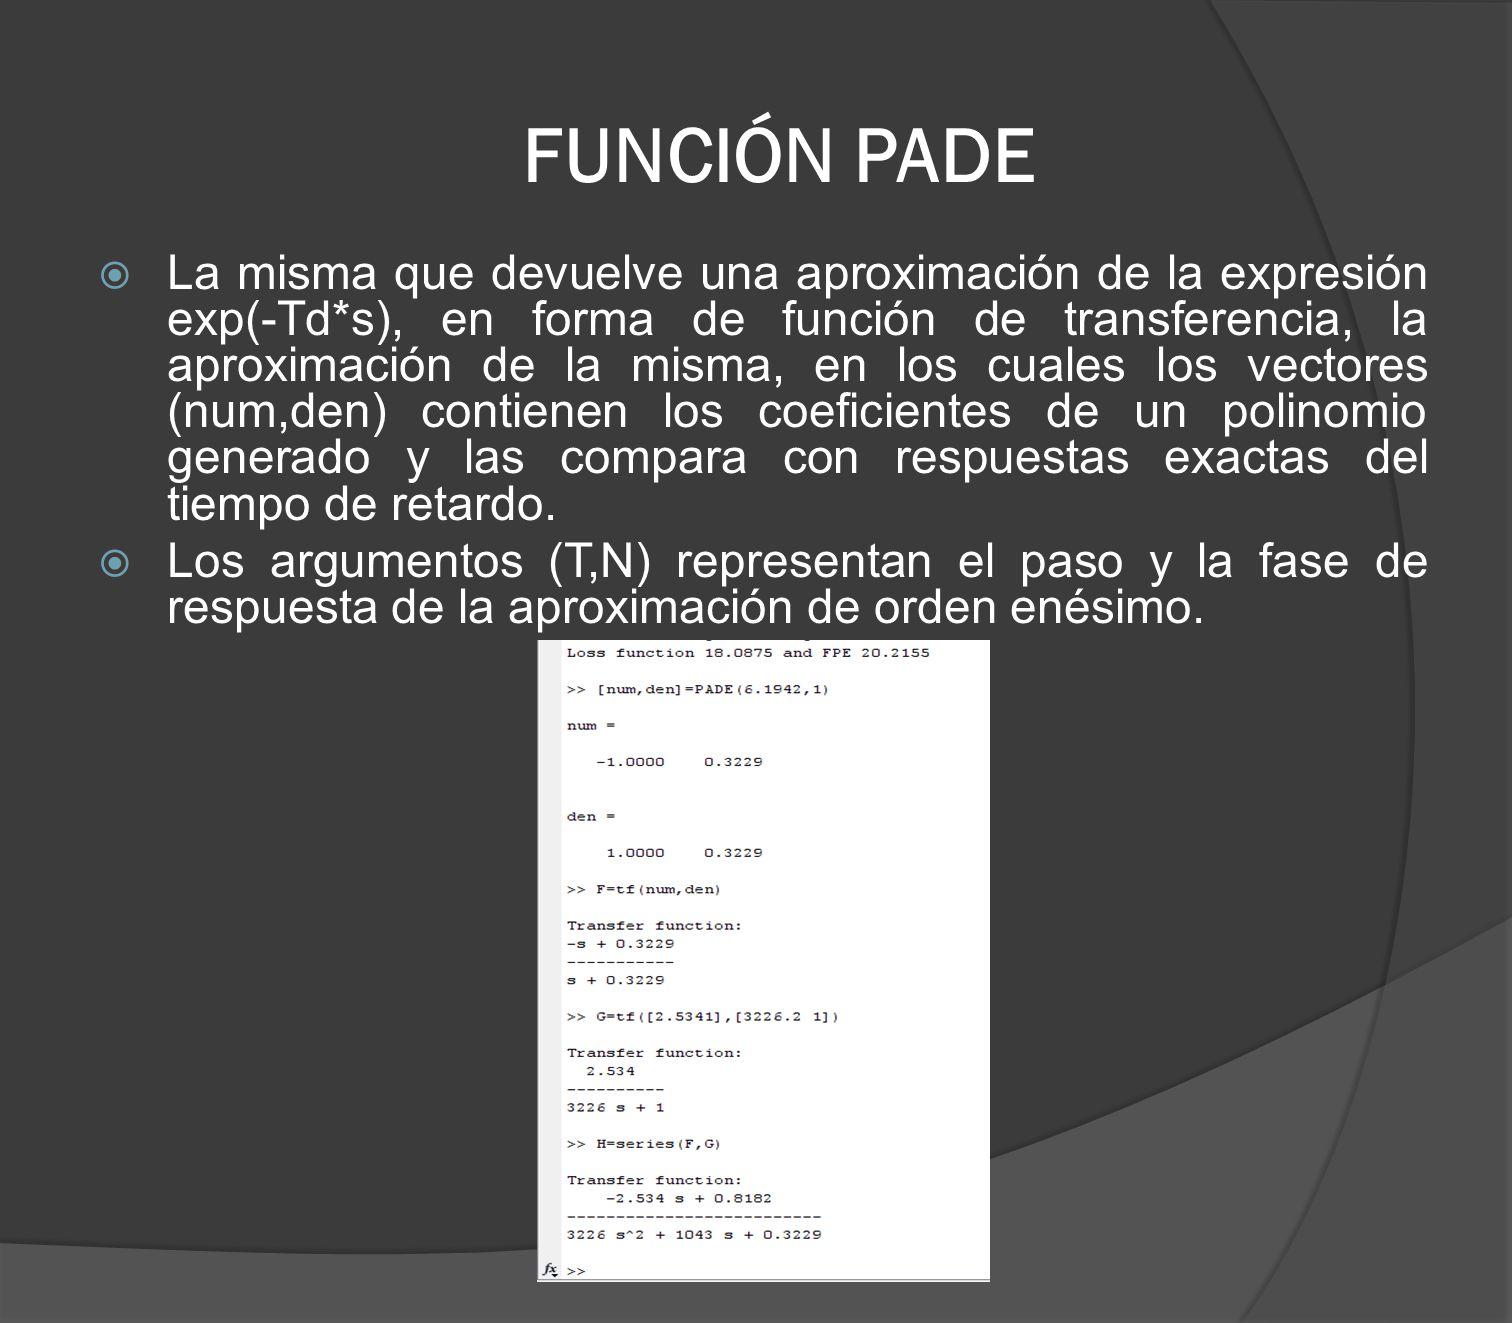 FUNCIÓN PADE La misma que devuelve una aproximación de la expresión exp(-Td*s), en forma de función de transferencia, la aproximación de la misma, en